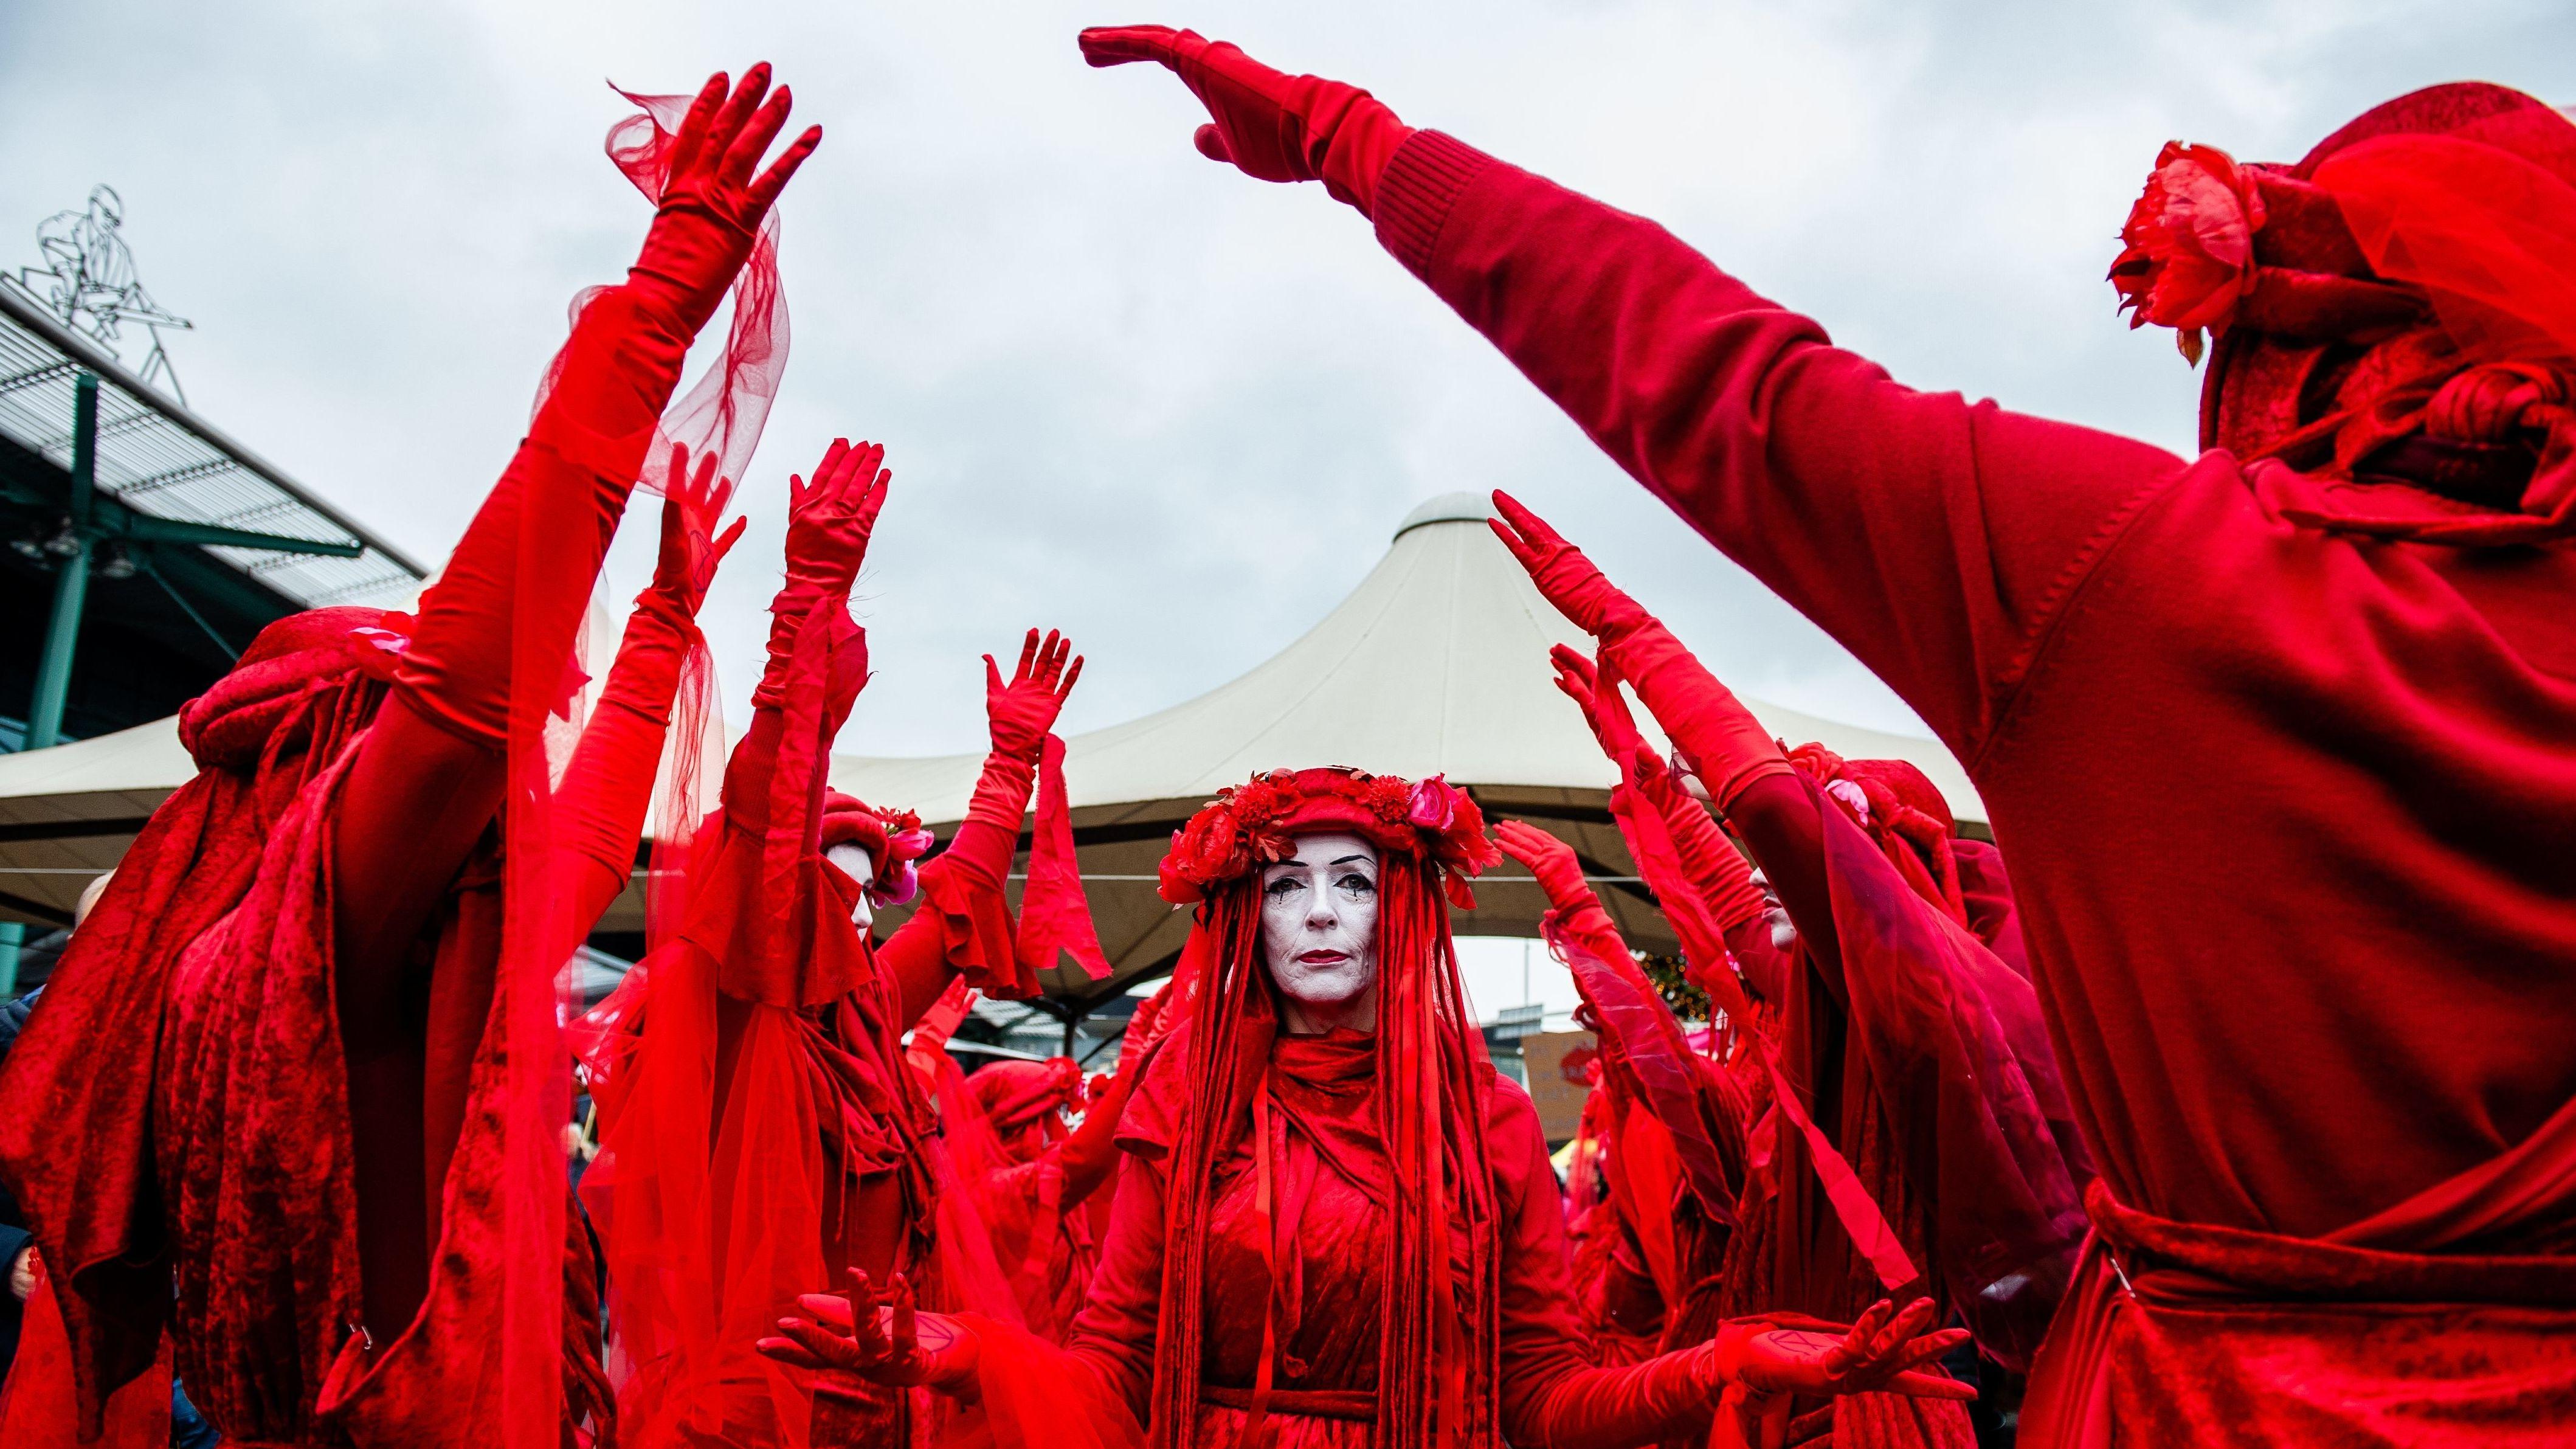 """Rotgekleidete und weiß geschminkte Aktivisten bei einer Protest-Choreografie gegen den Klimwandel: """"Extinction Rebellion"""" bei einer Aktion am Amsterdamer Flughafen Schiphol (Dezember 2019)"""